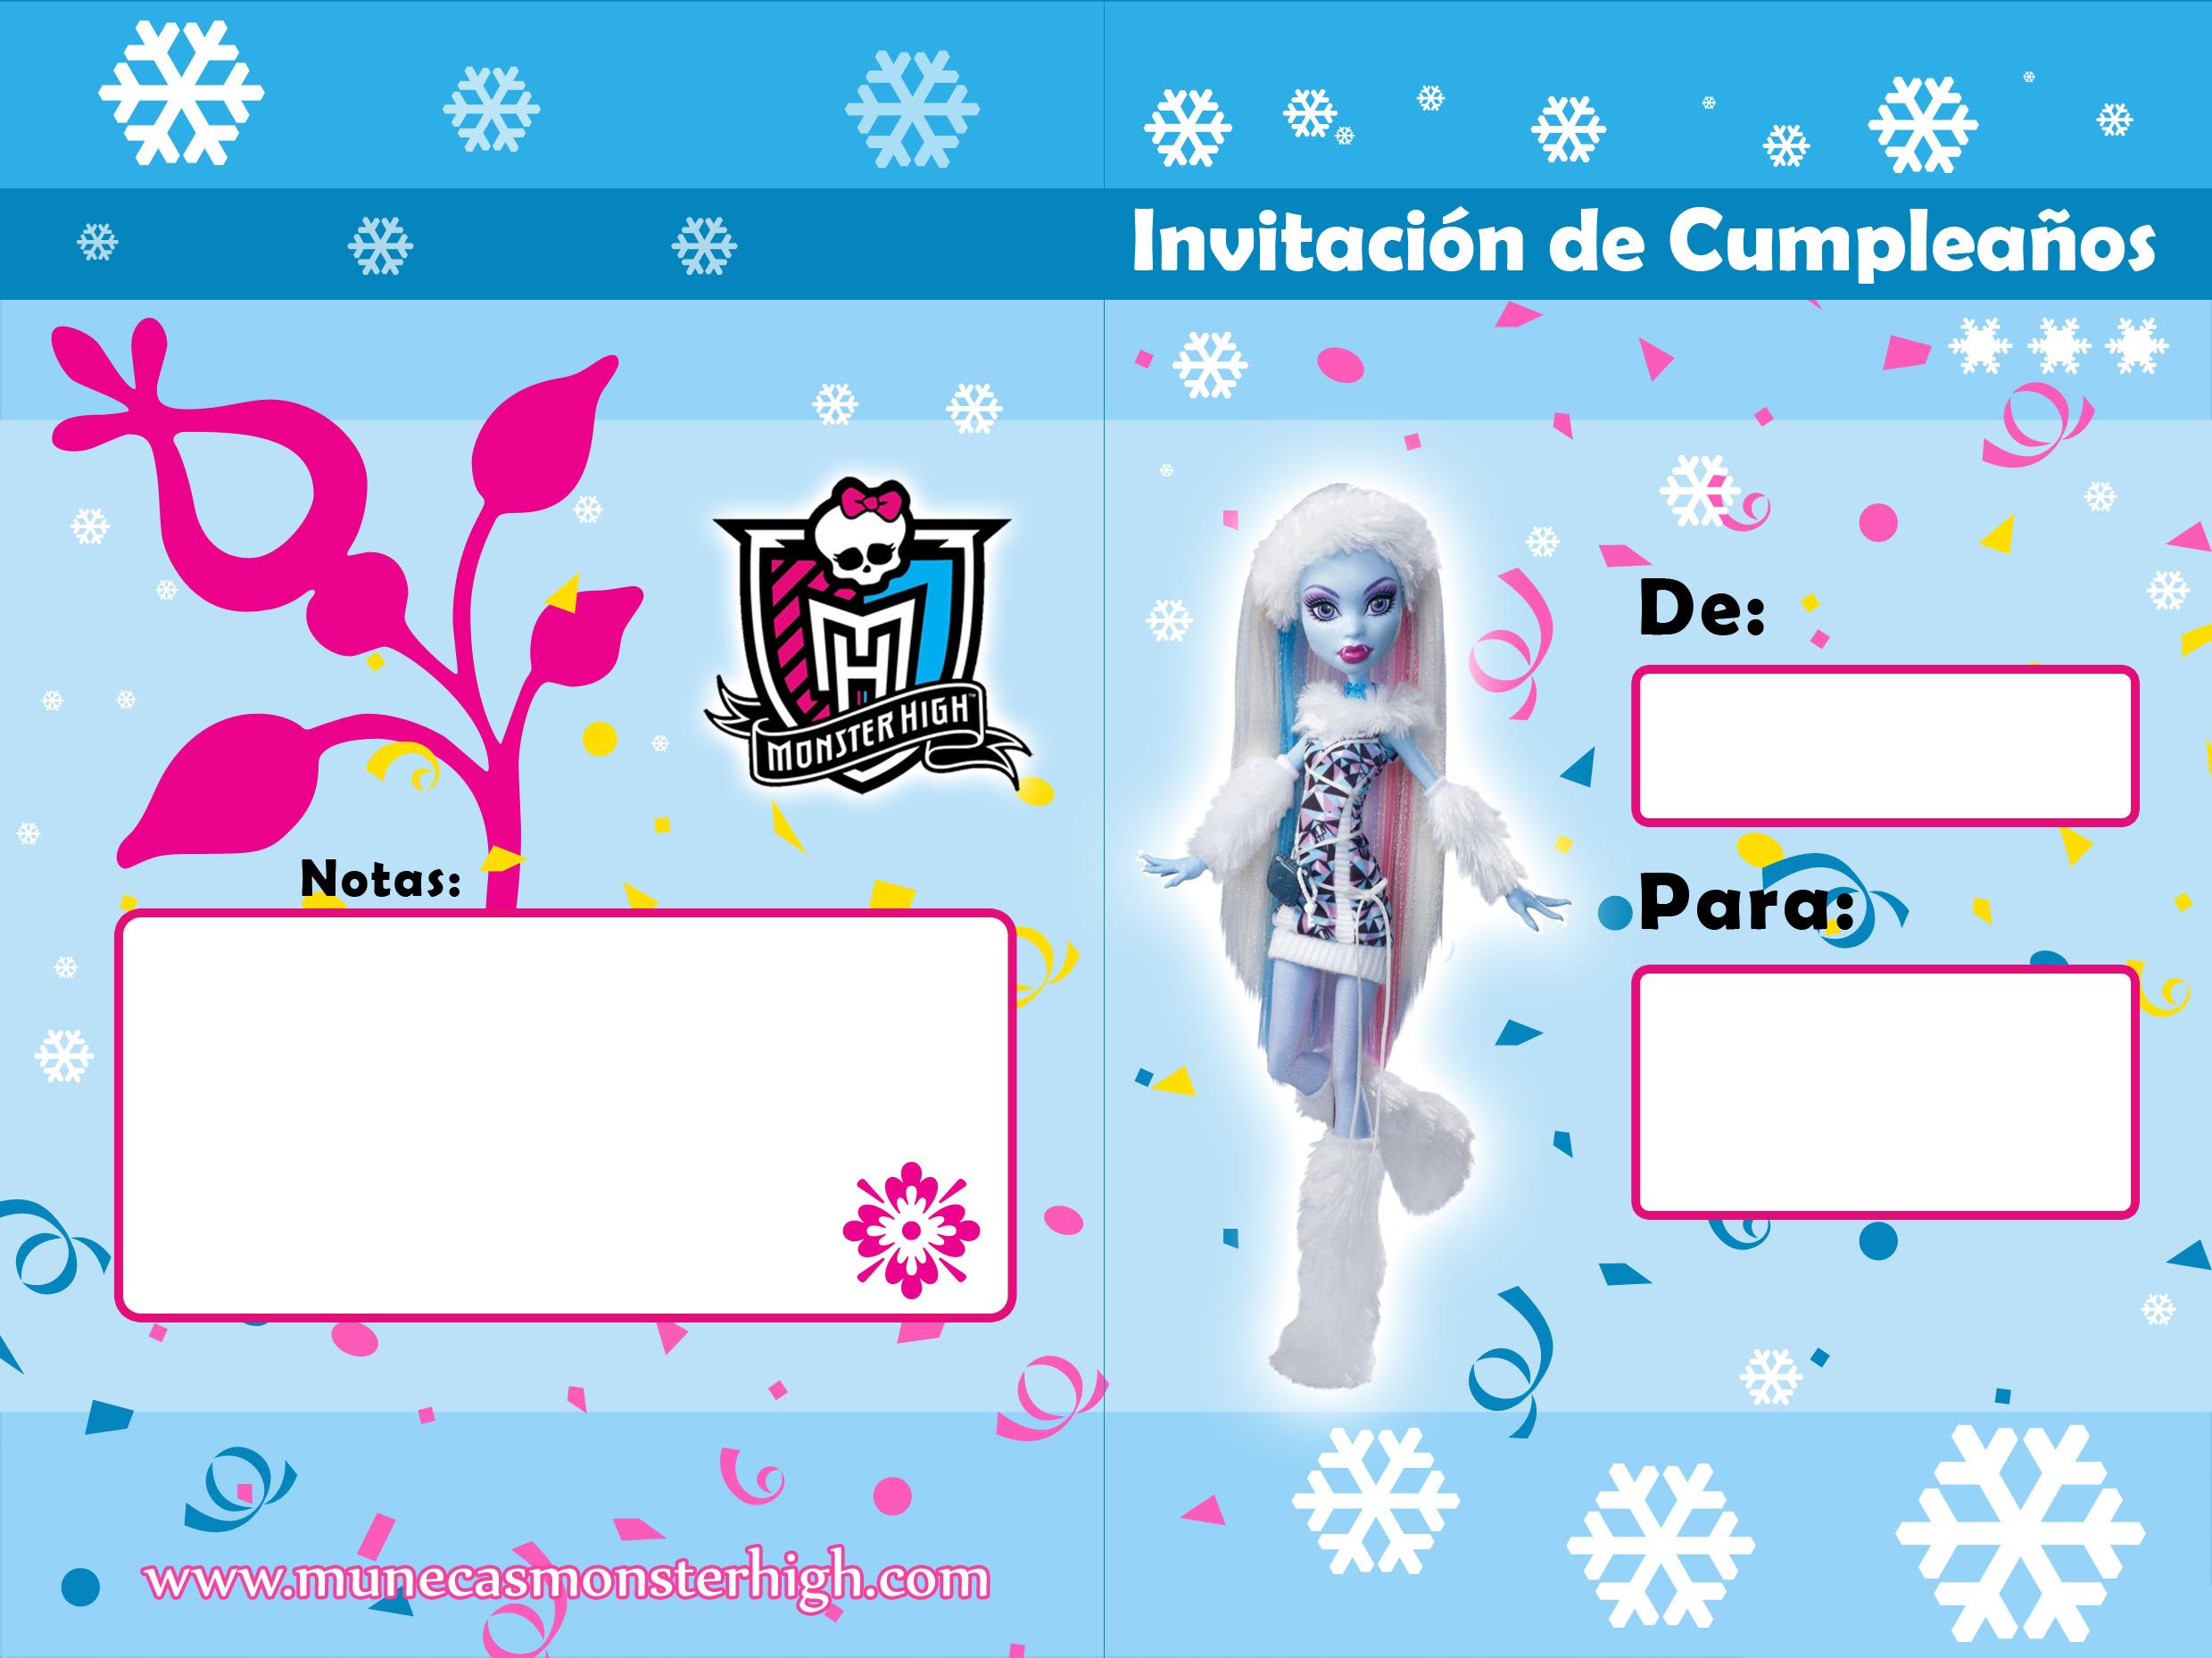 Invitaciones de cumpleaños para imprimir de Monster High.